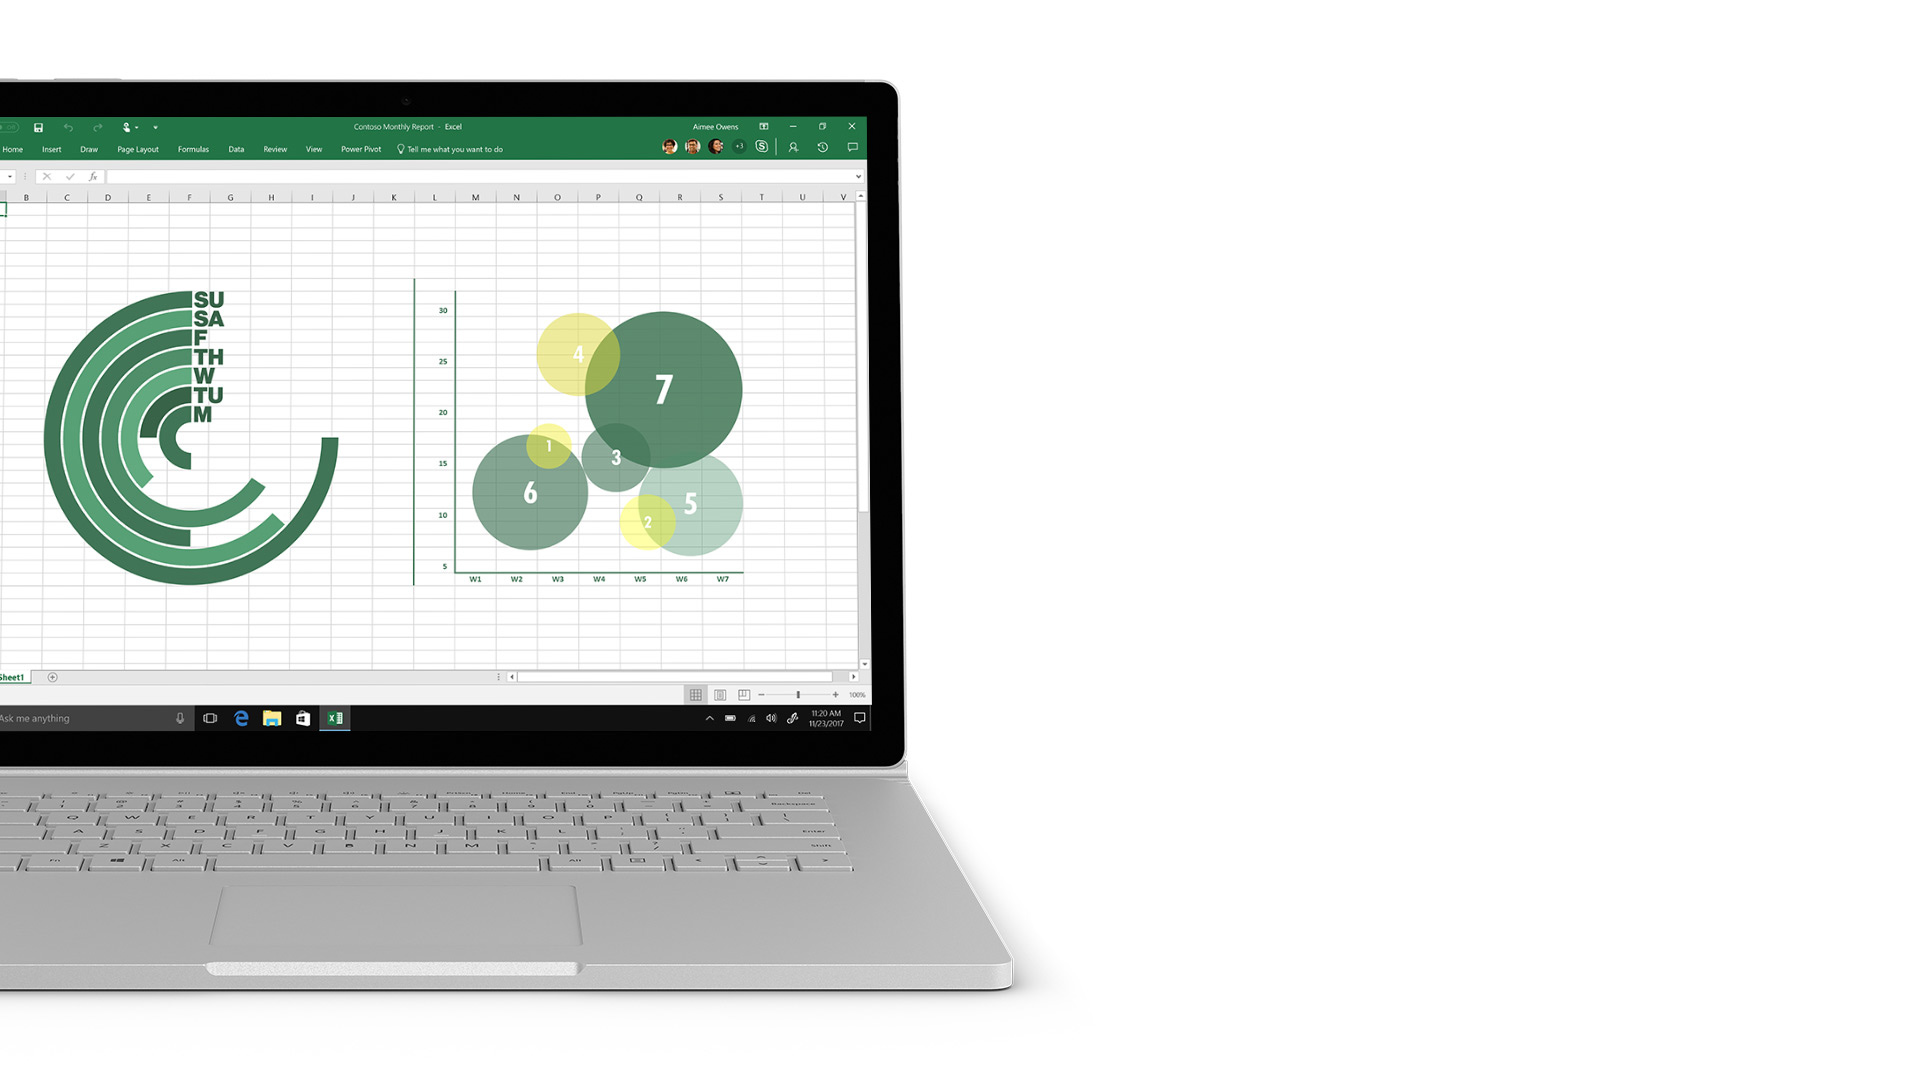 Zrzut ekranu programu Excel na urządzeniu Surface.